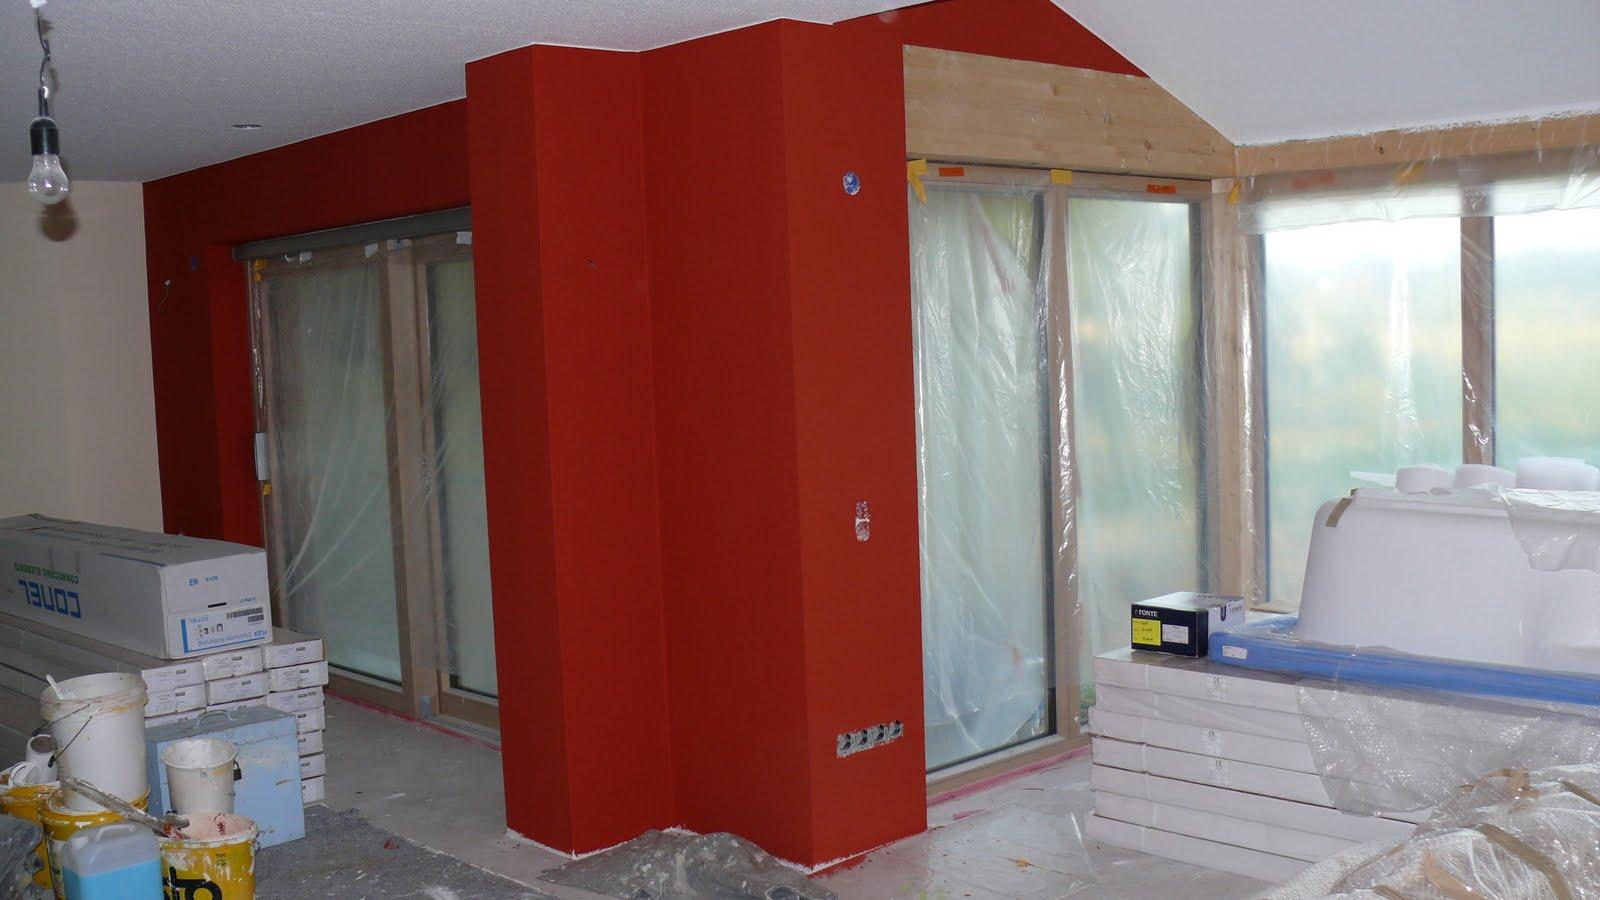 Wolfbau unsere rote wohnzimmerwand ist fertig - Rote wohnzimmerwand ...